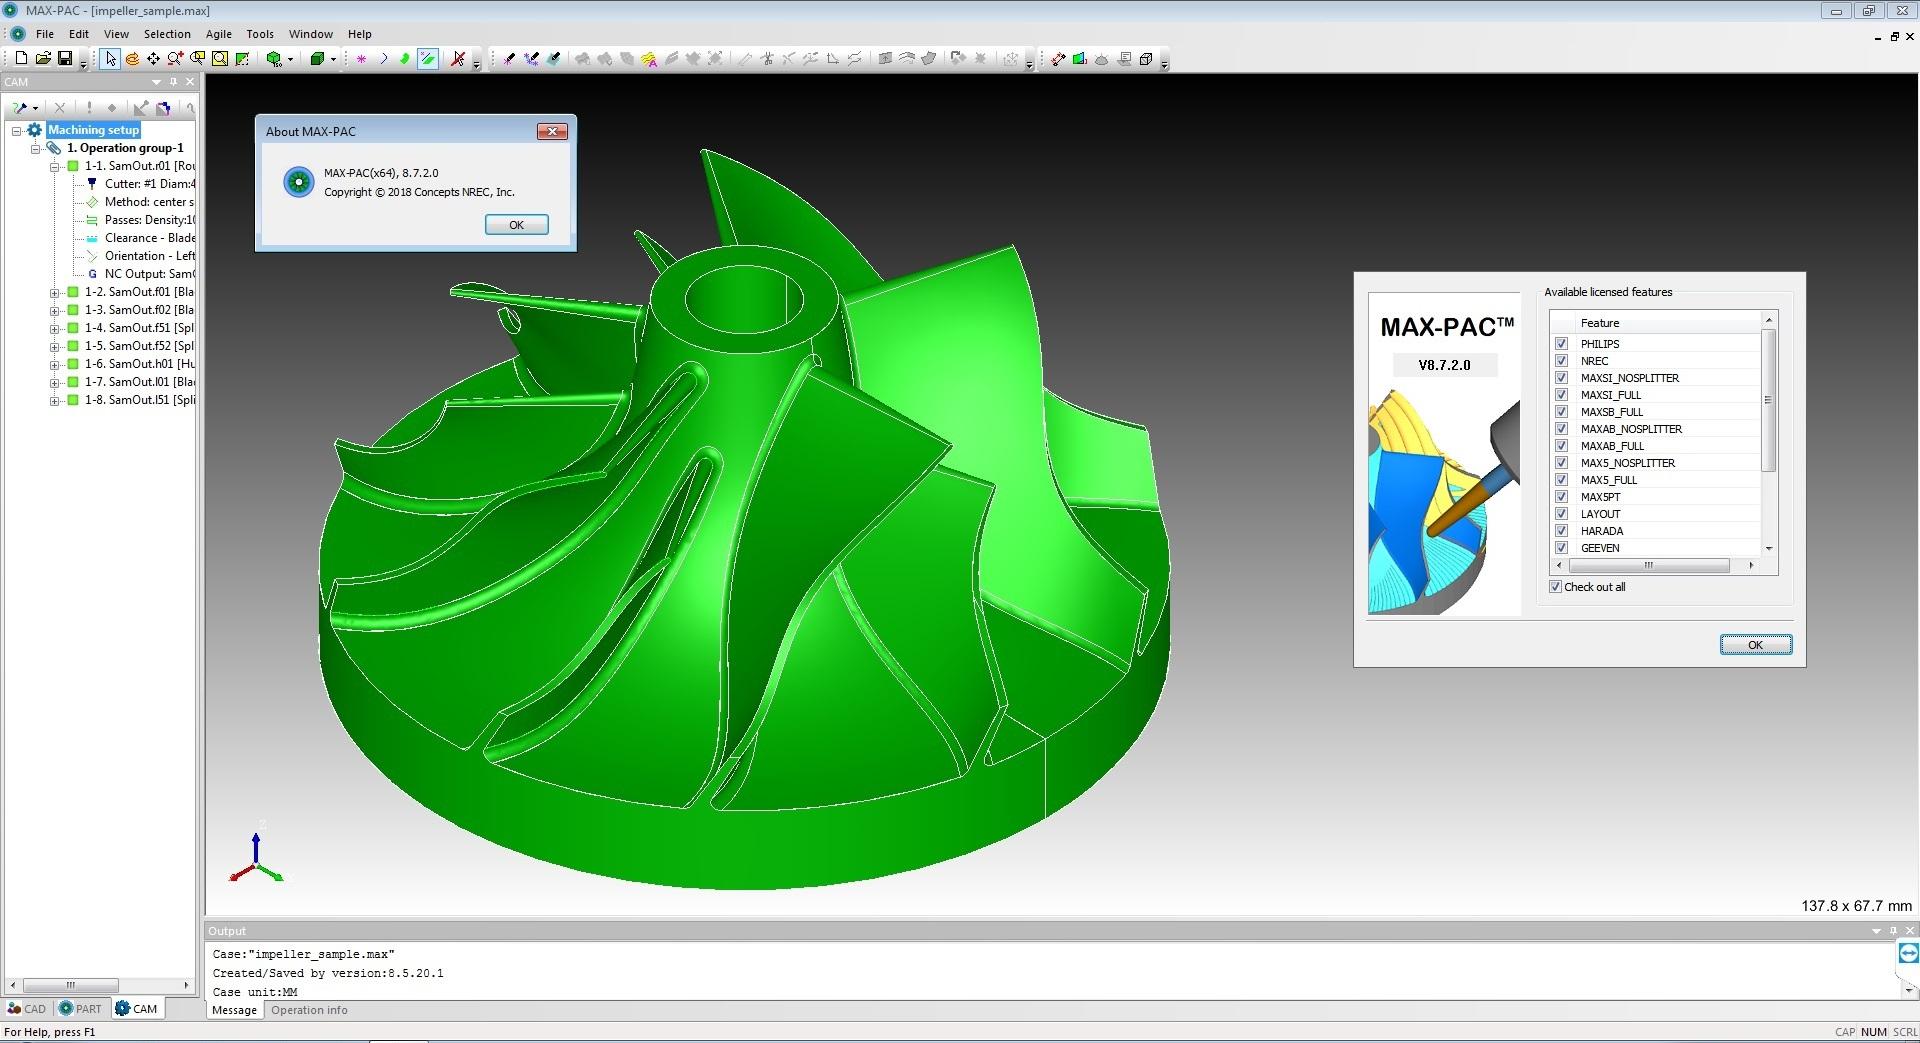 Concepts NREC MAX-PAC 8.7.2.0